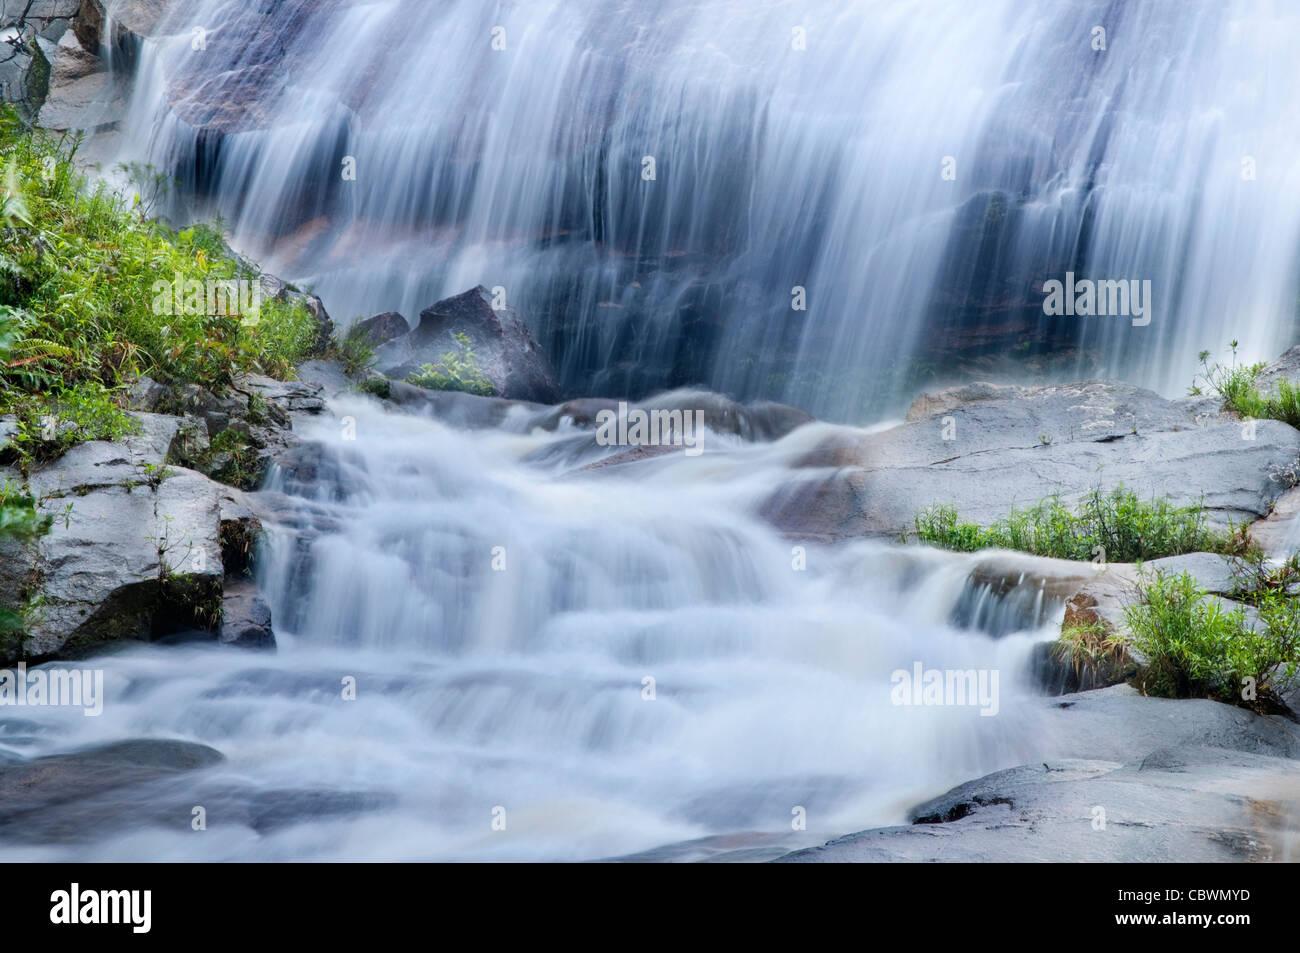 Natural waterfall at Gunung Stong State Park, Kelantan, Malaysia - Stock Image